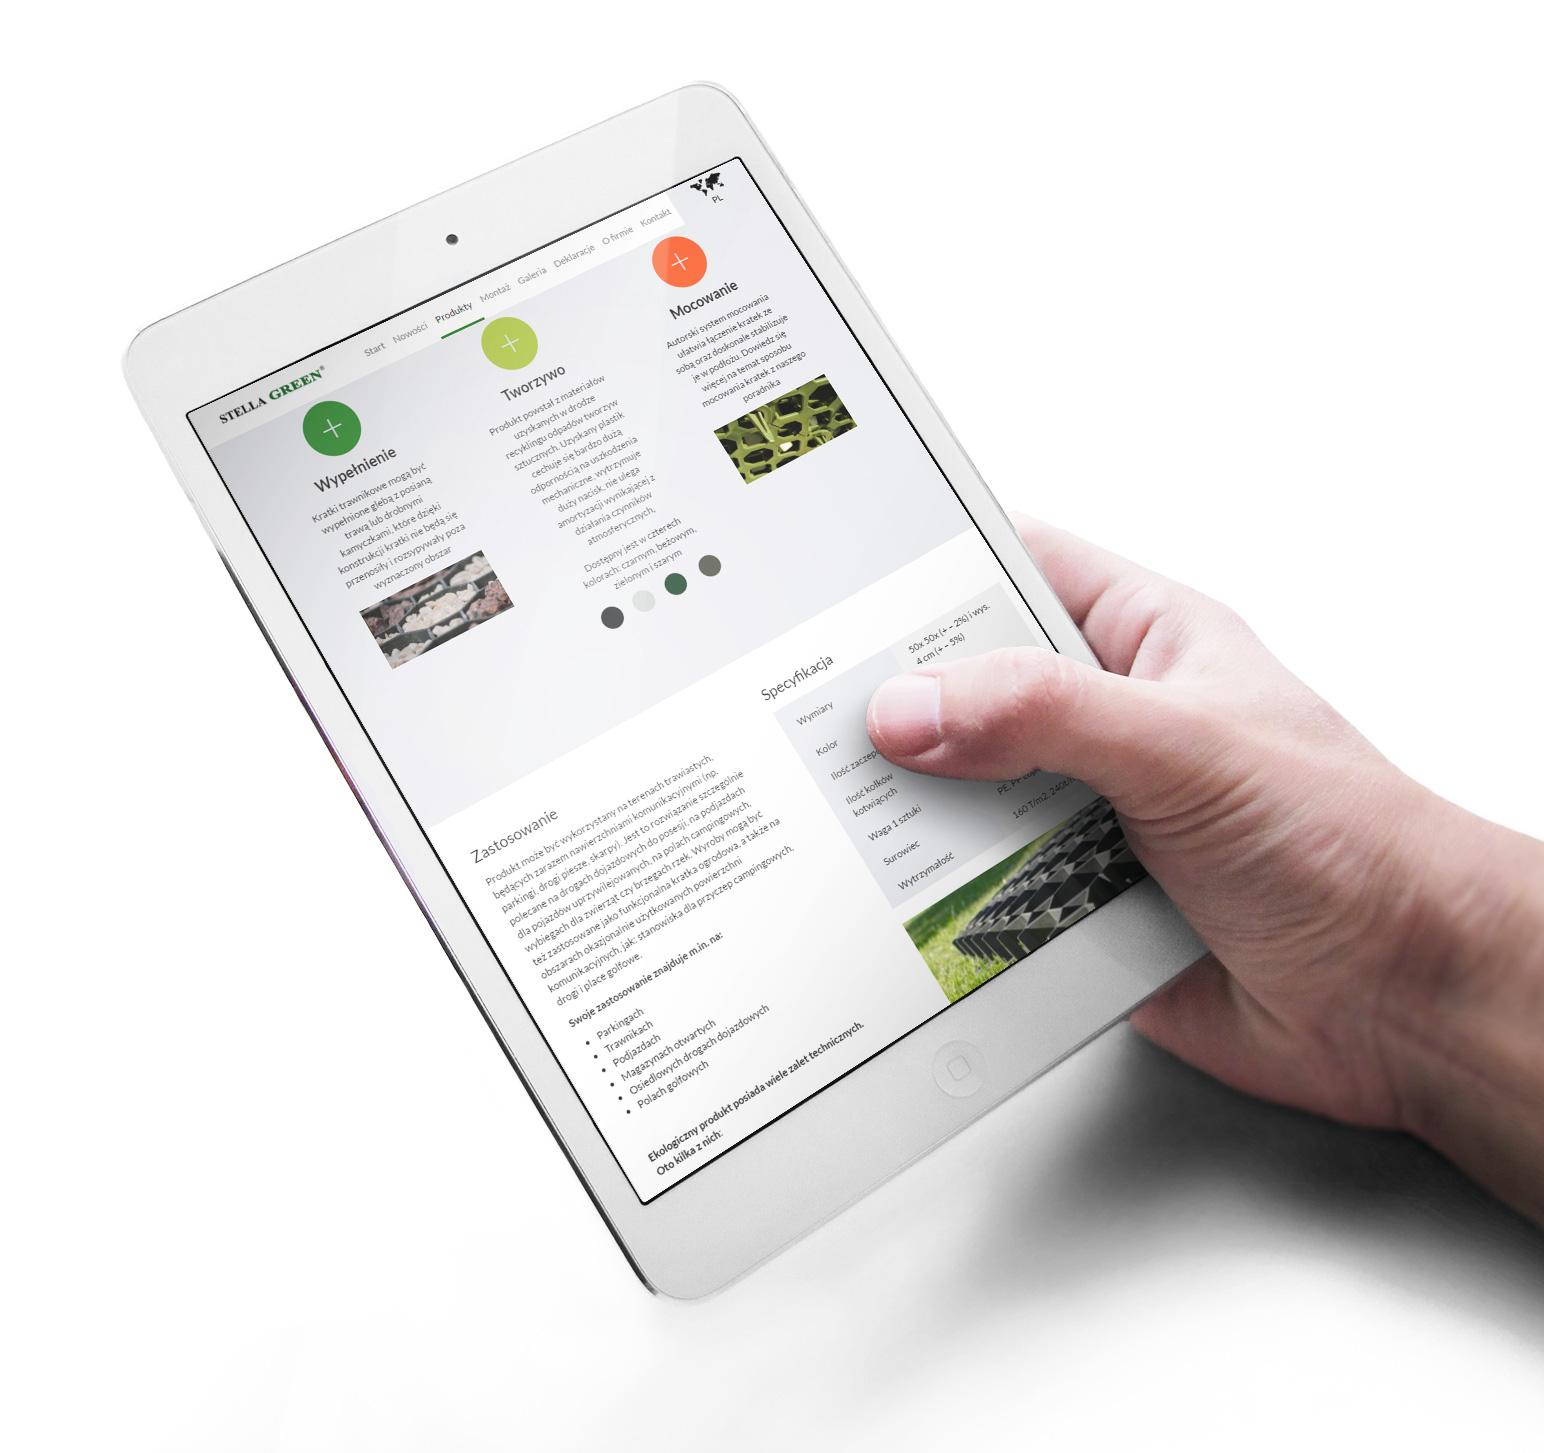 stell-green-projektowanie-stron-internetowych-w-rwd